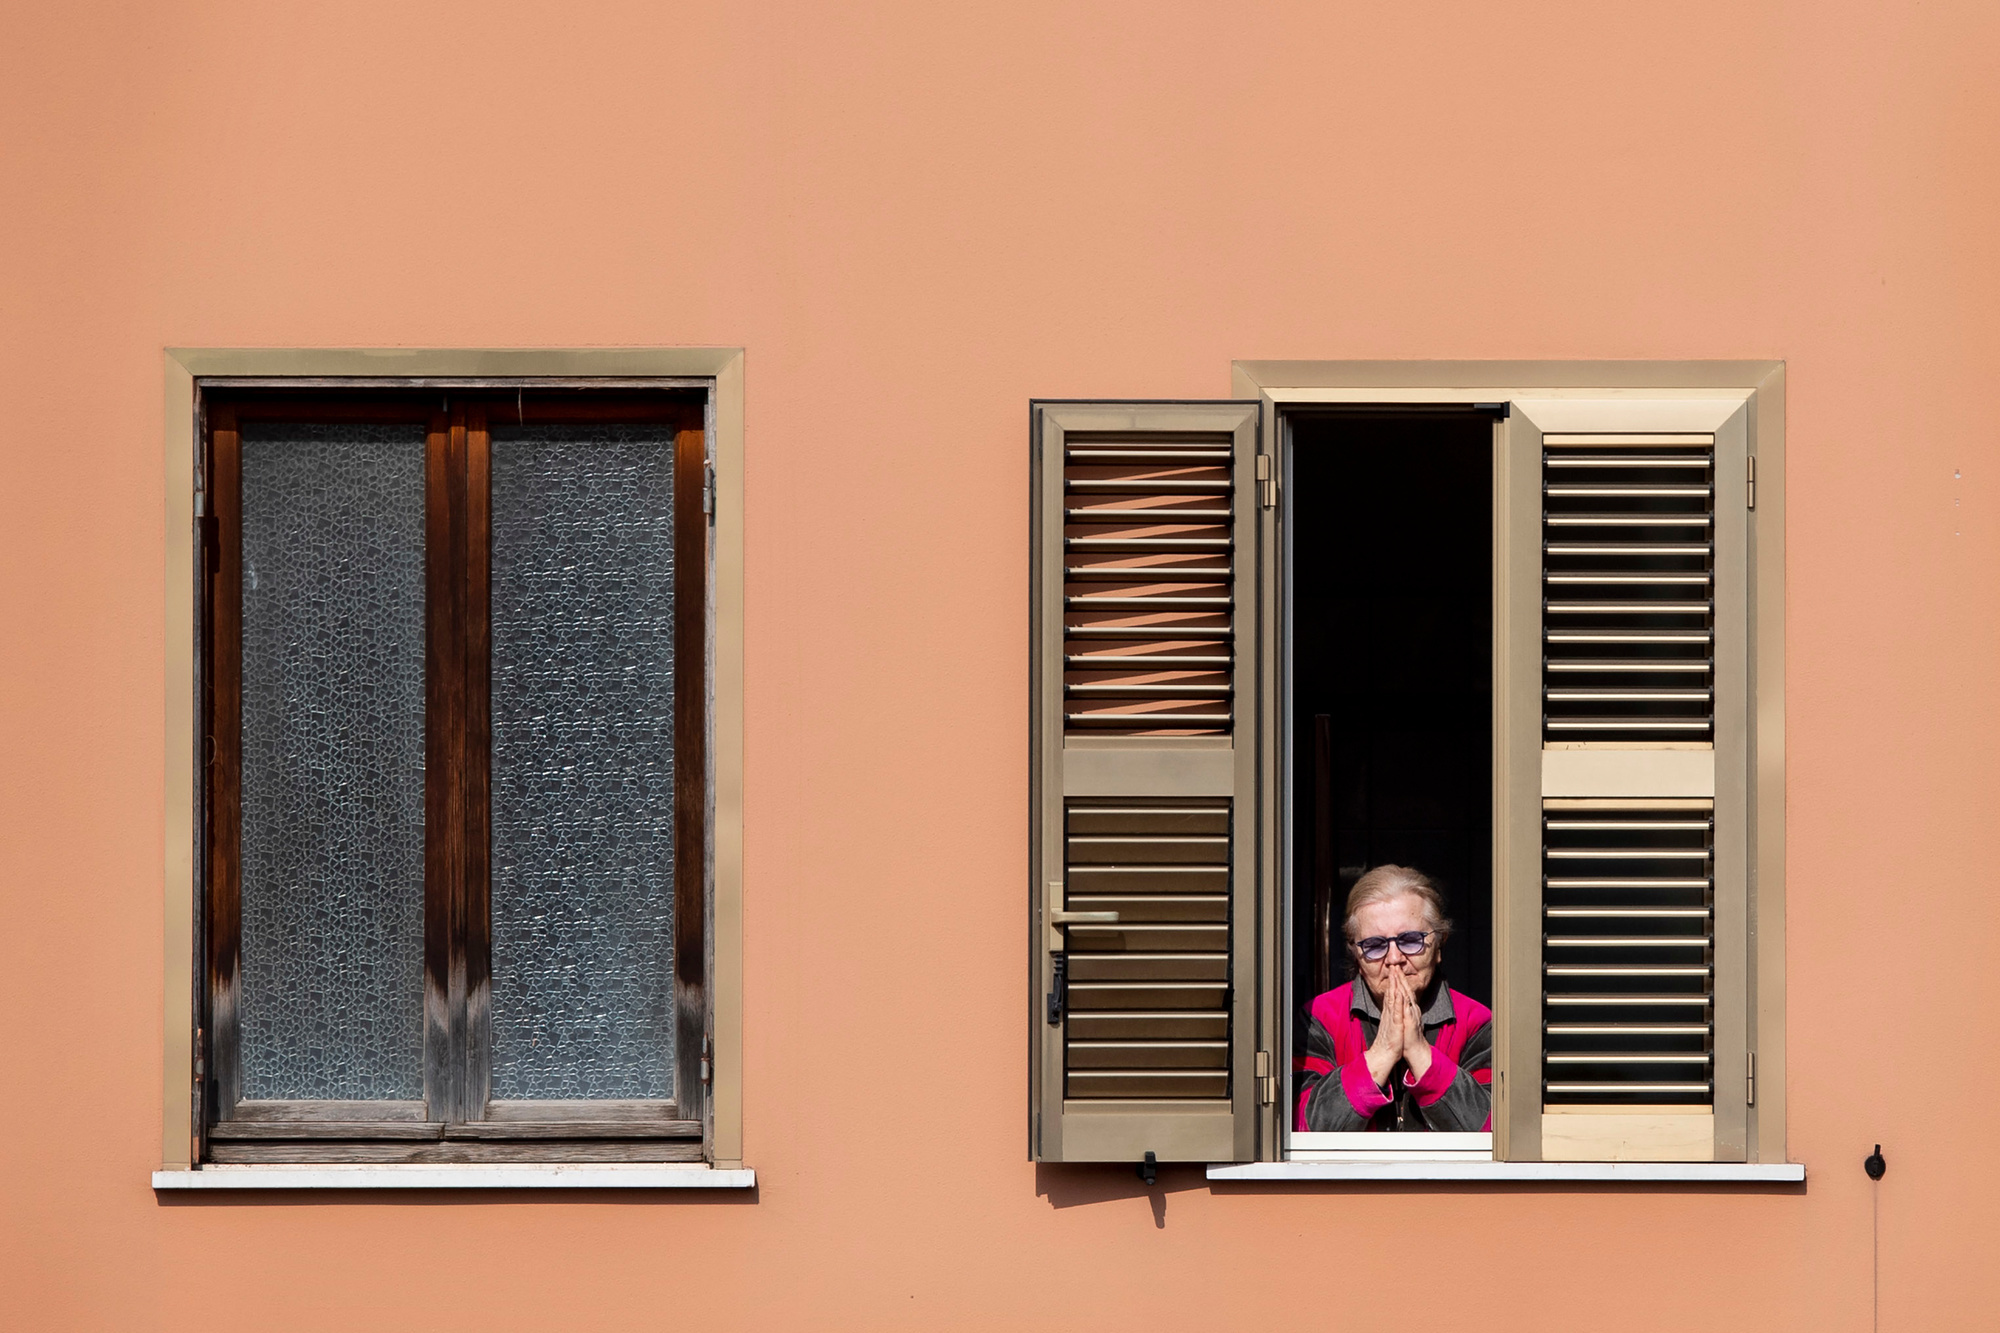 """""""Nu het duidelijk wordt dat ook gezonde jongeren risico lopen, en bovendien blijkt dat presymptomatische overdracht een duidelijke rol speelt bij de verspreiding, zou de vuistregel voor iedereen, jong en oud, moeten zijn: gedraag je alsof je COVID positief bent en beschouw iedereeen die je tegenkomt als potentieel positief."""" Foto: een oudere vrouw bidt tijdens de zondagsmis gehouden op het dak van de San Gabriele dell'Addolorata in Rome, 29 maart 2020., belga"""